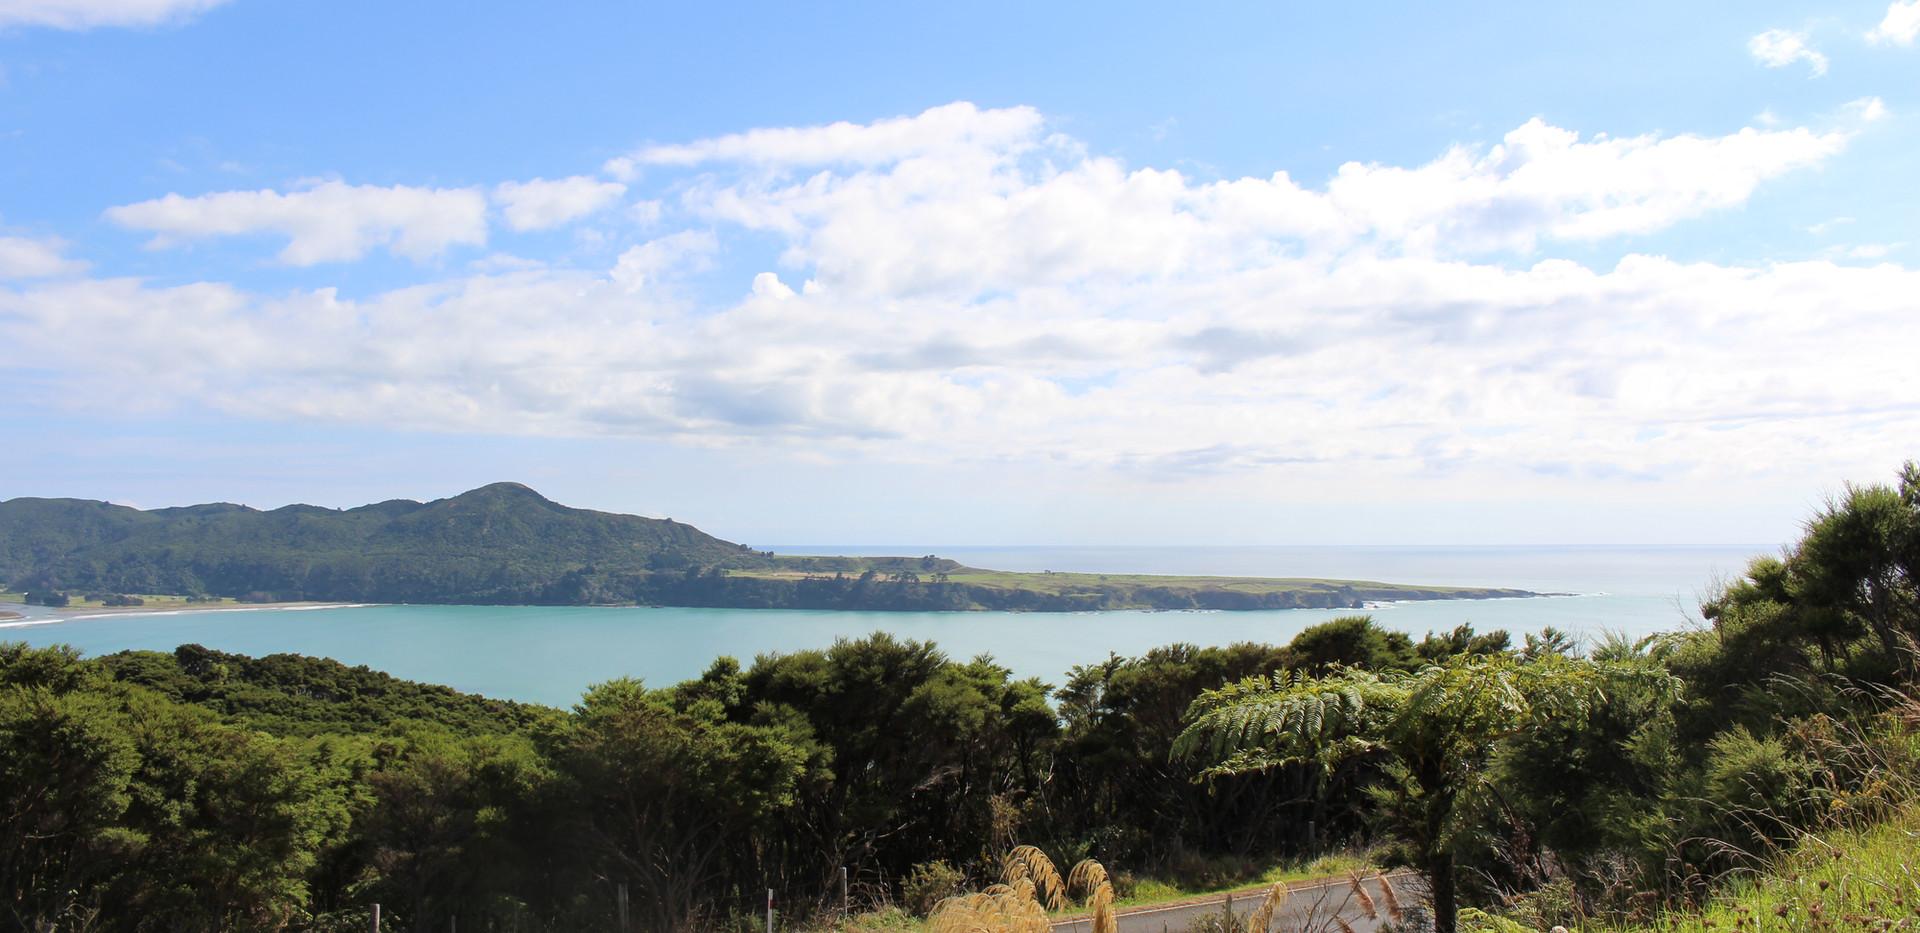 View at Hicks Bay